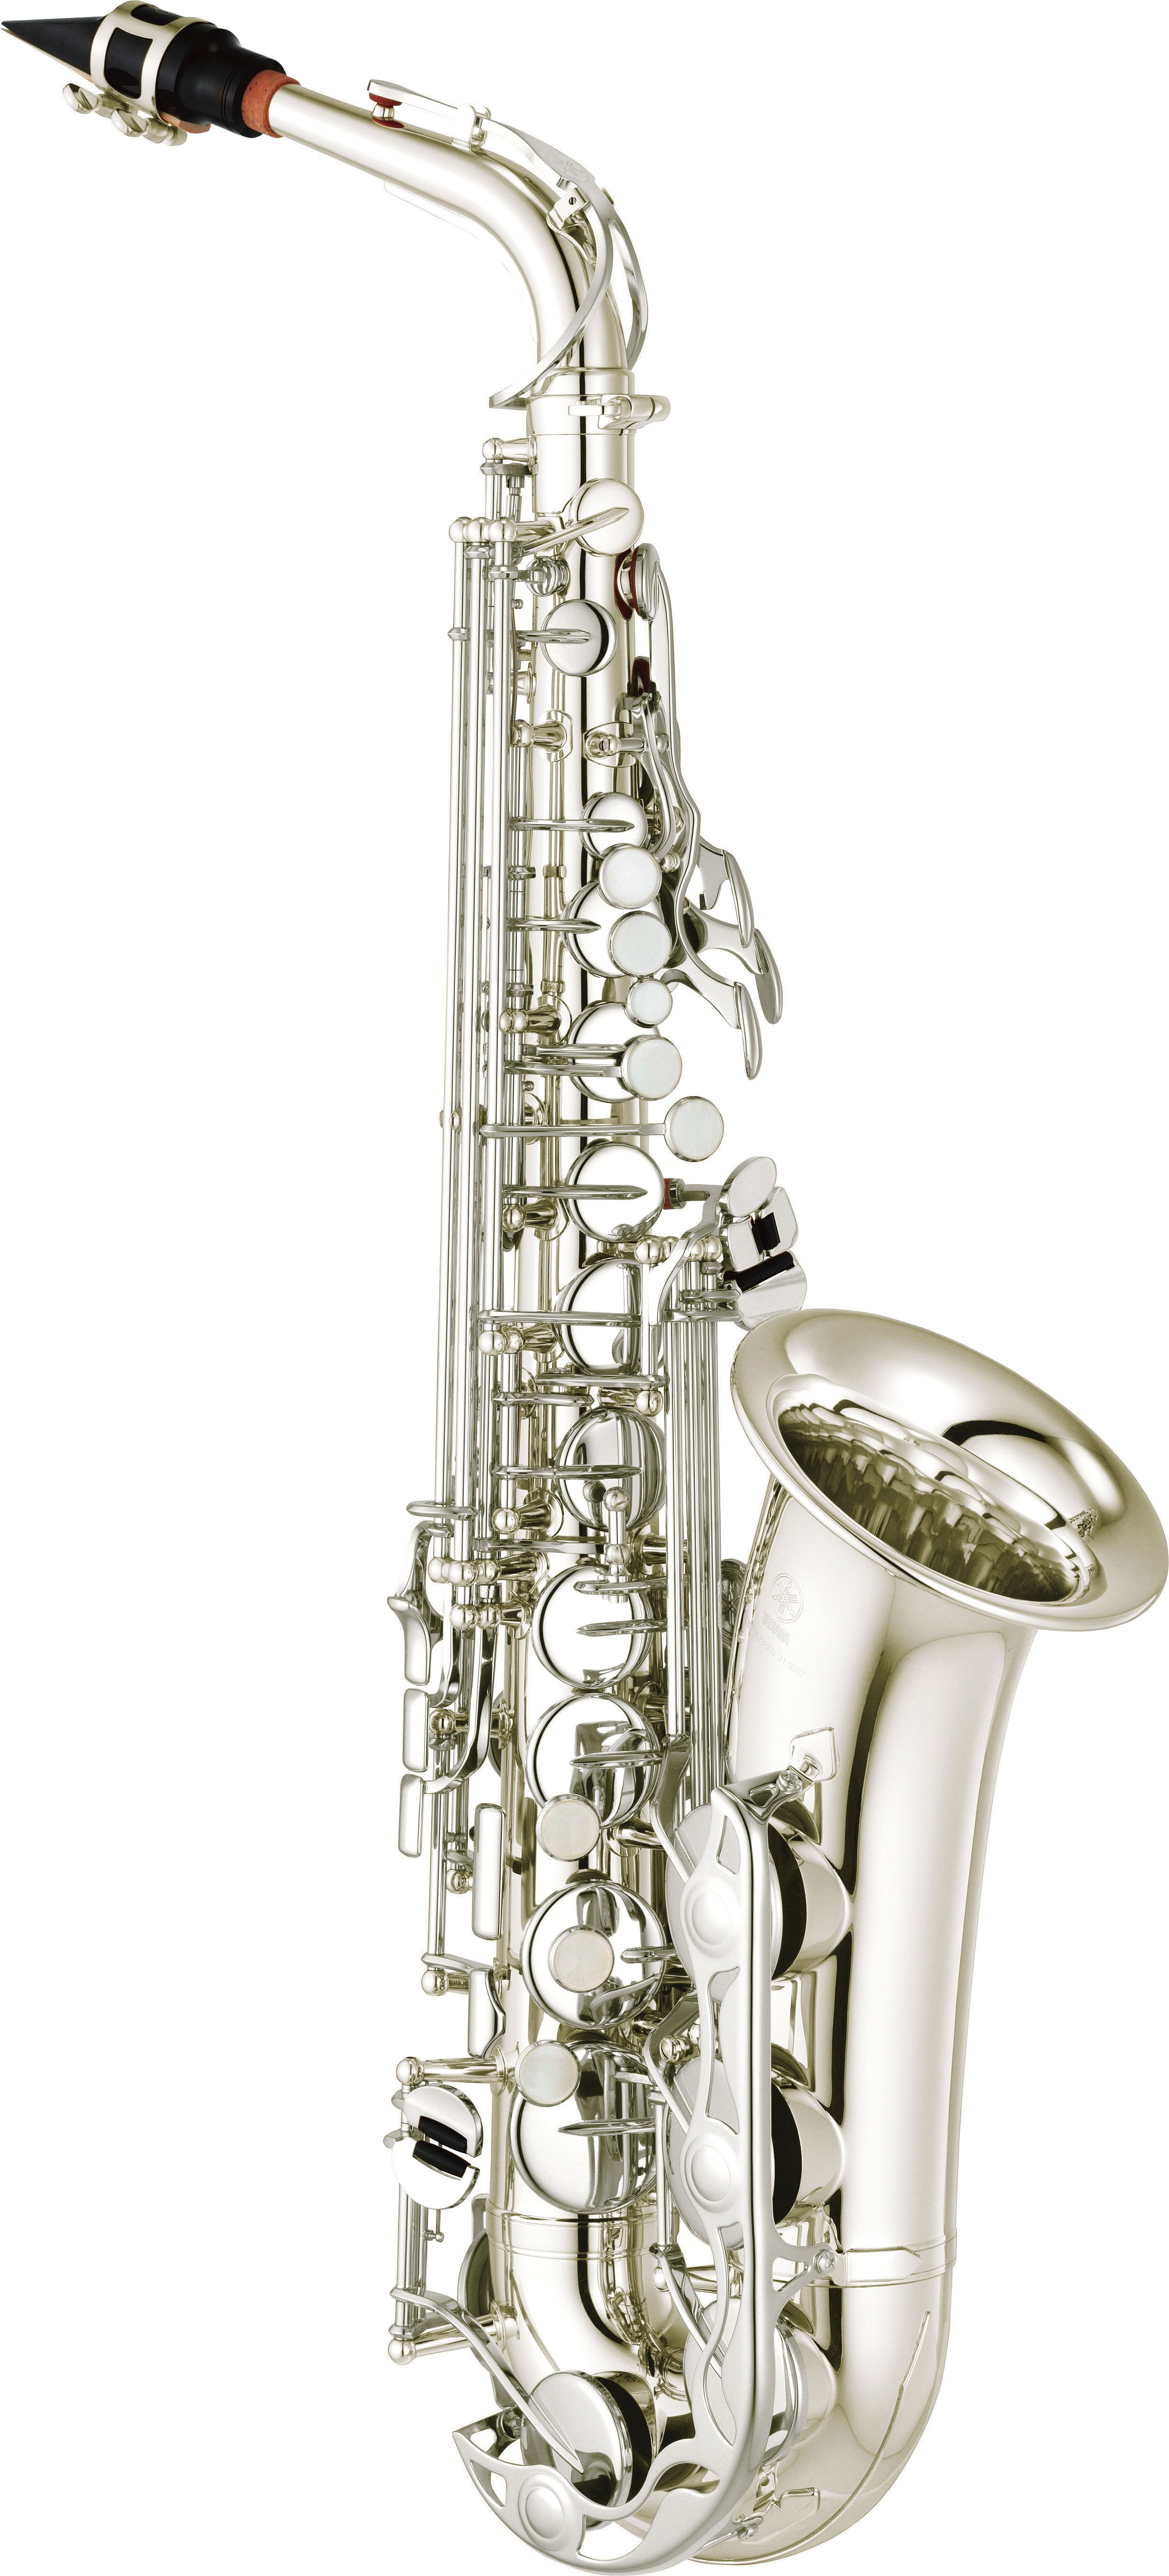 Yamaha - YAS-280-S - Holzblasinstrumente - Saxophone | MUSIK BERTRAM Deutschland Freiburg